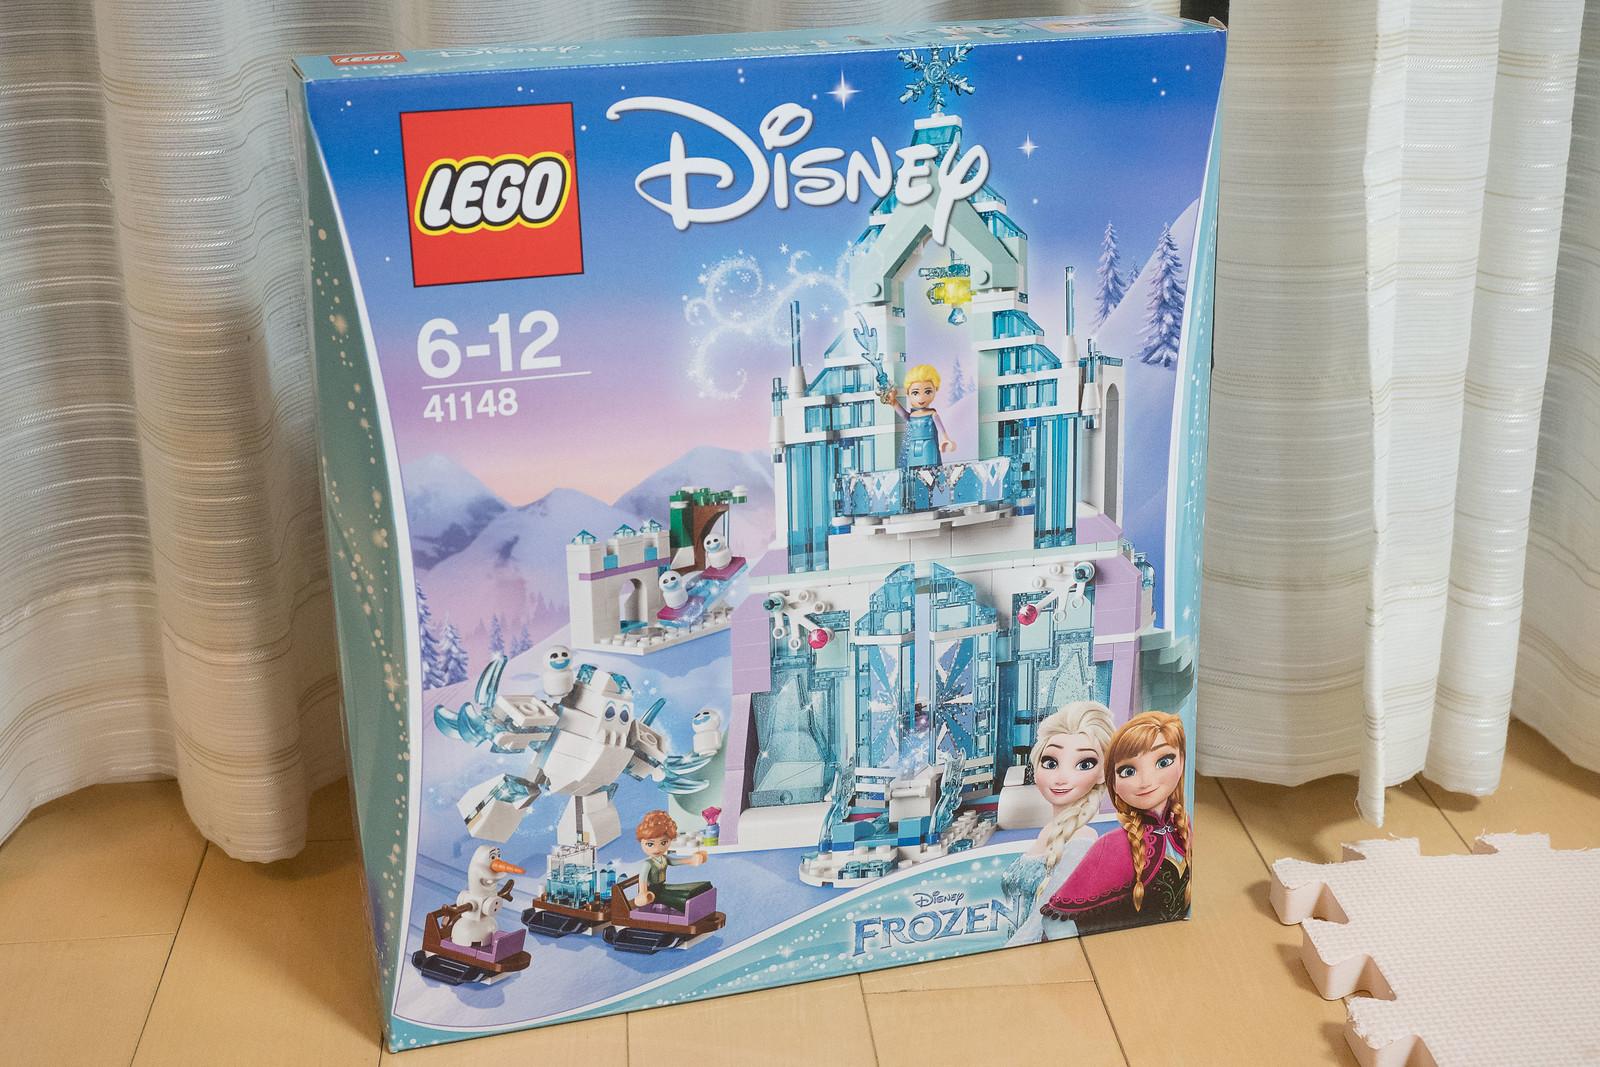 LEGO_Disney_FROZEN-11